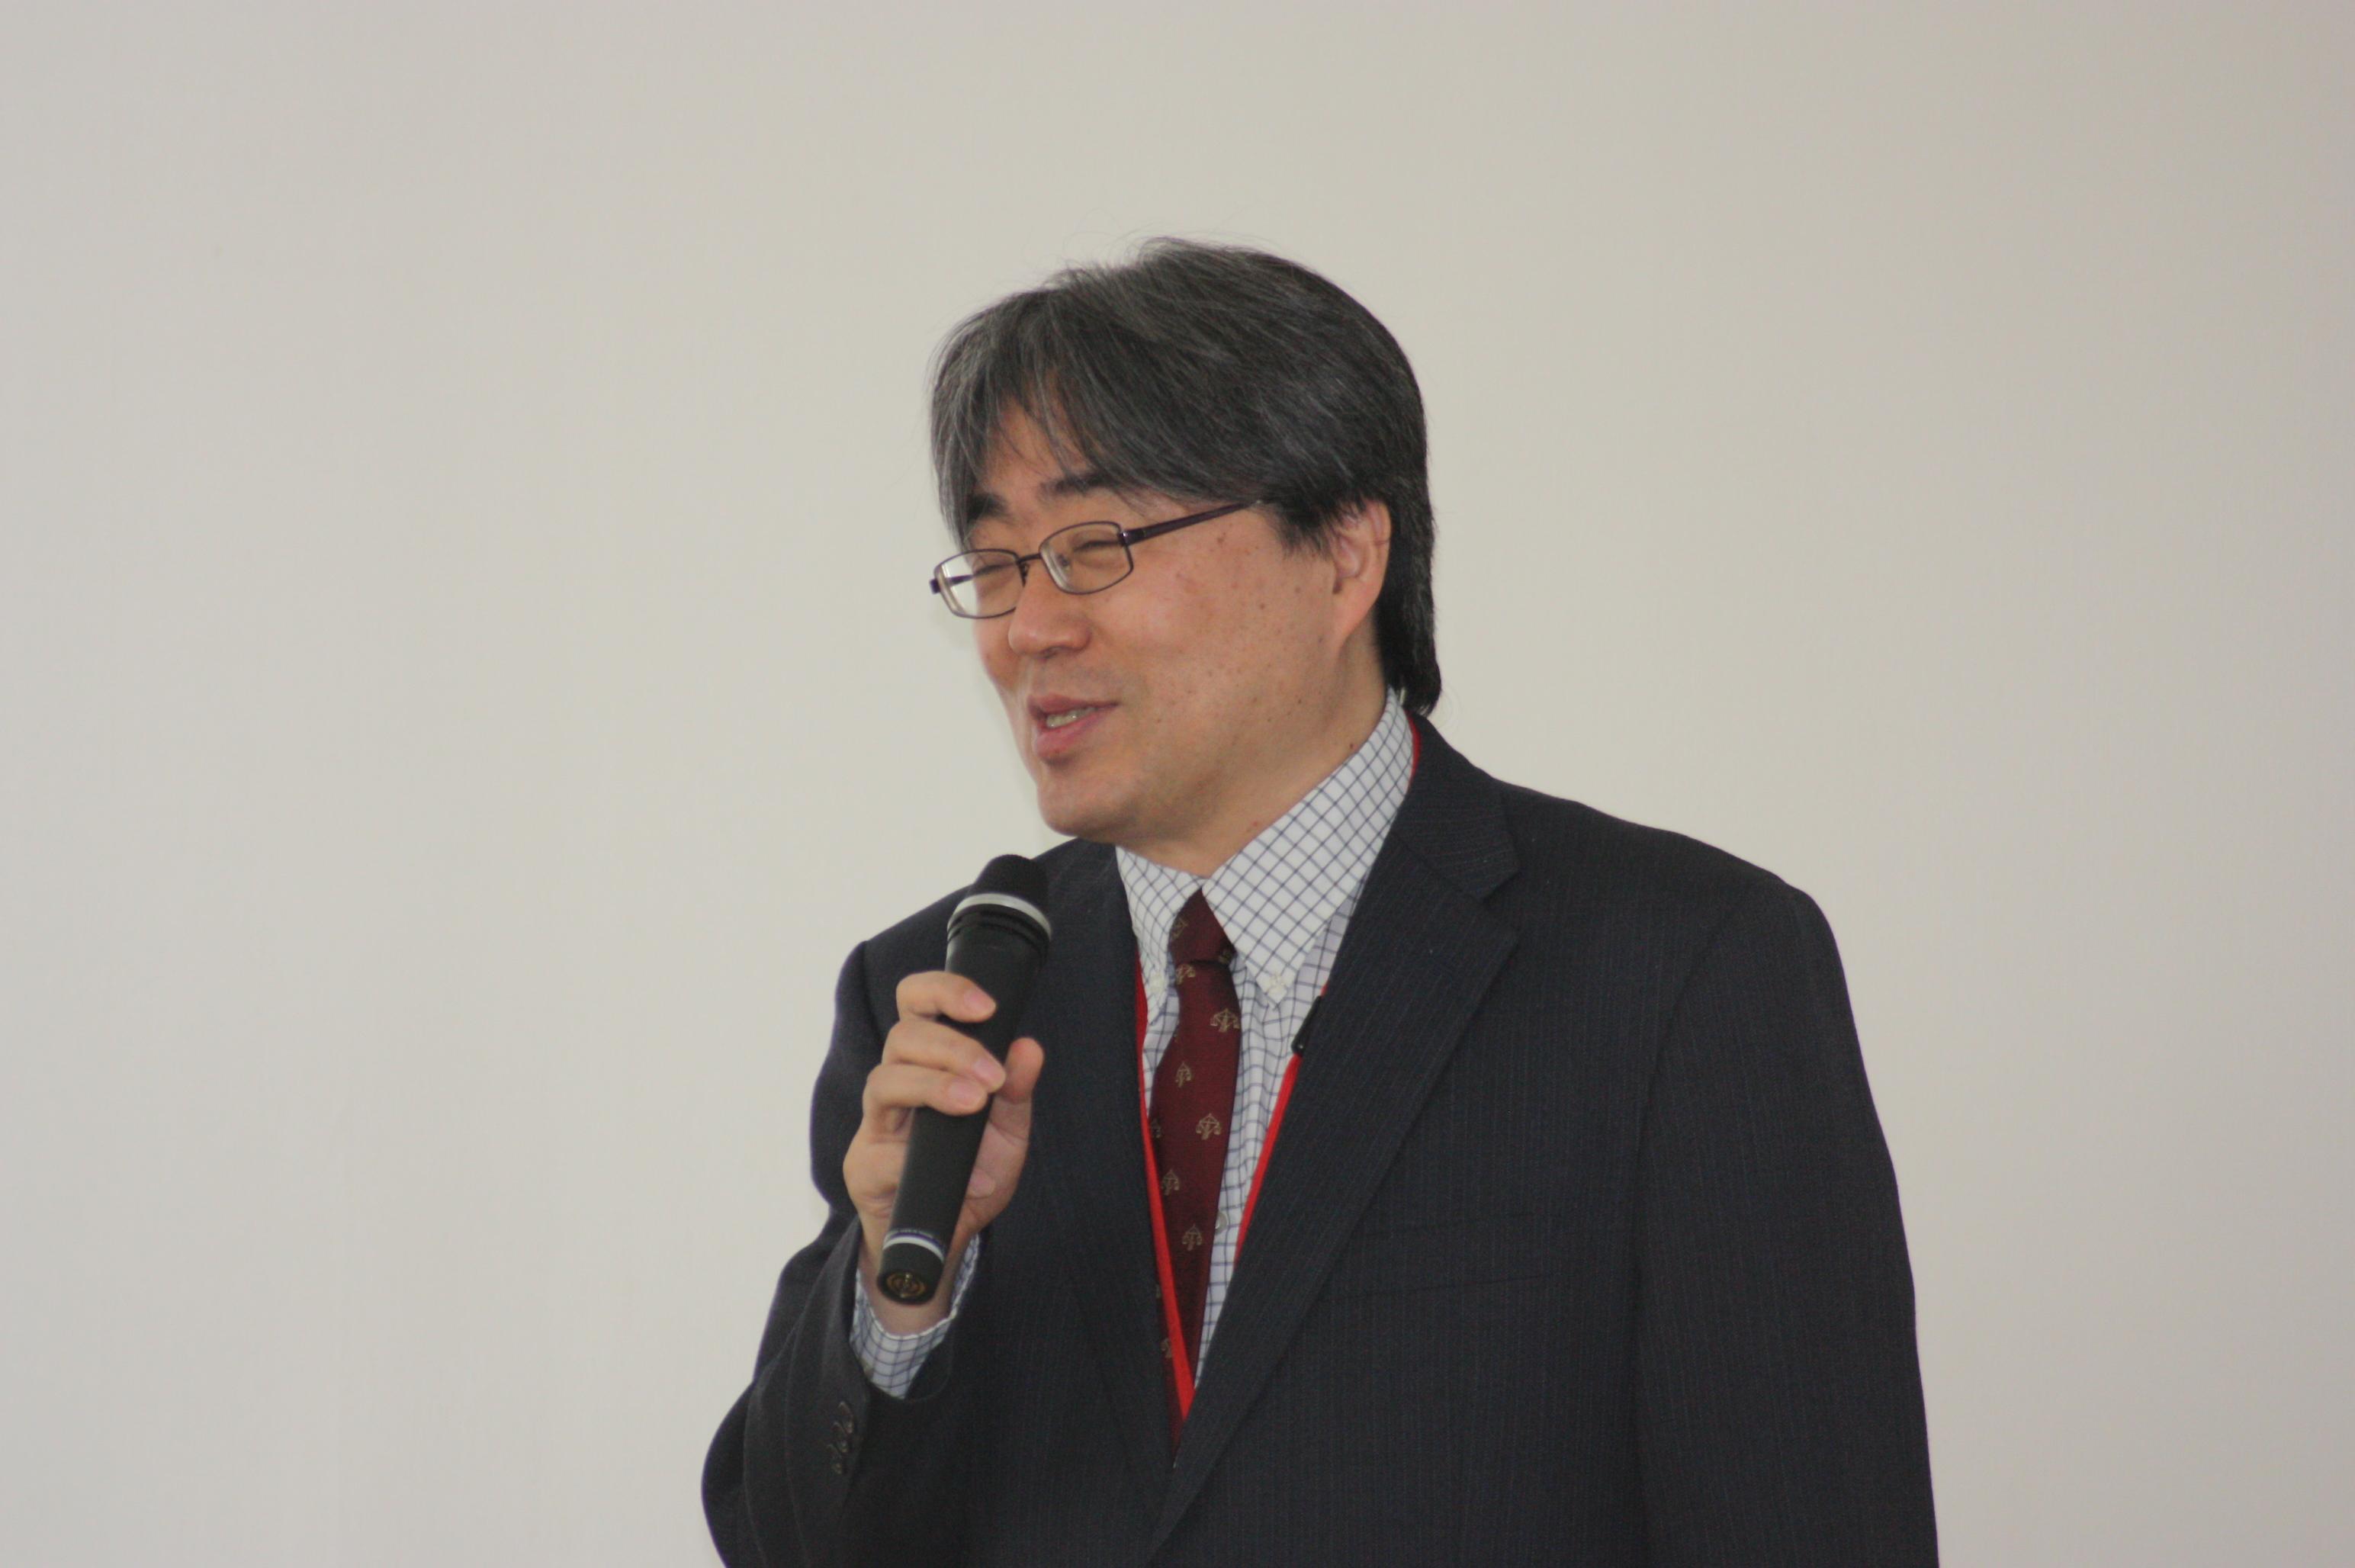 广岛大学研究生院工学研究院安川宏纪教授